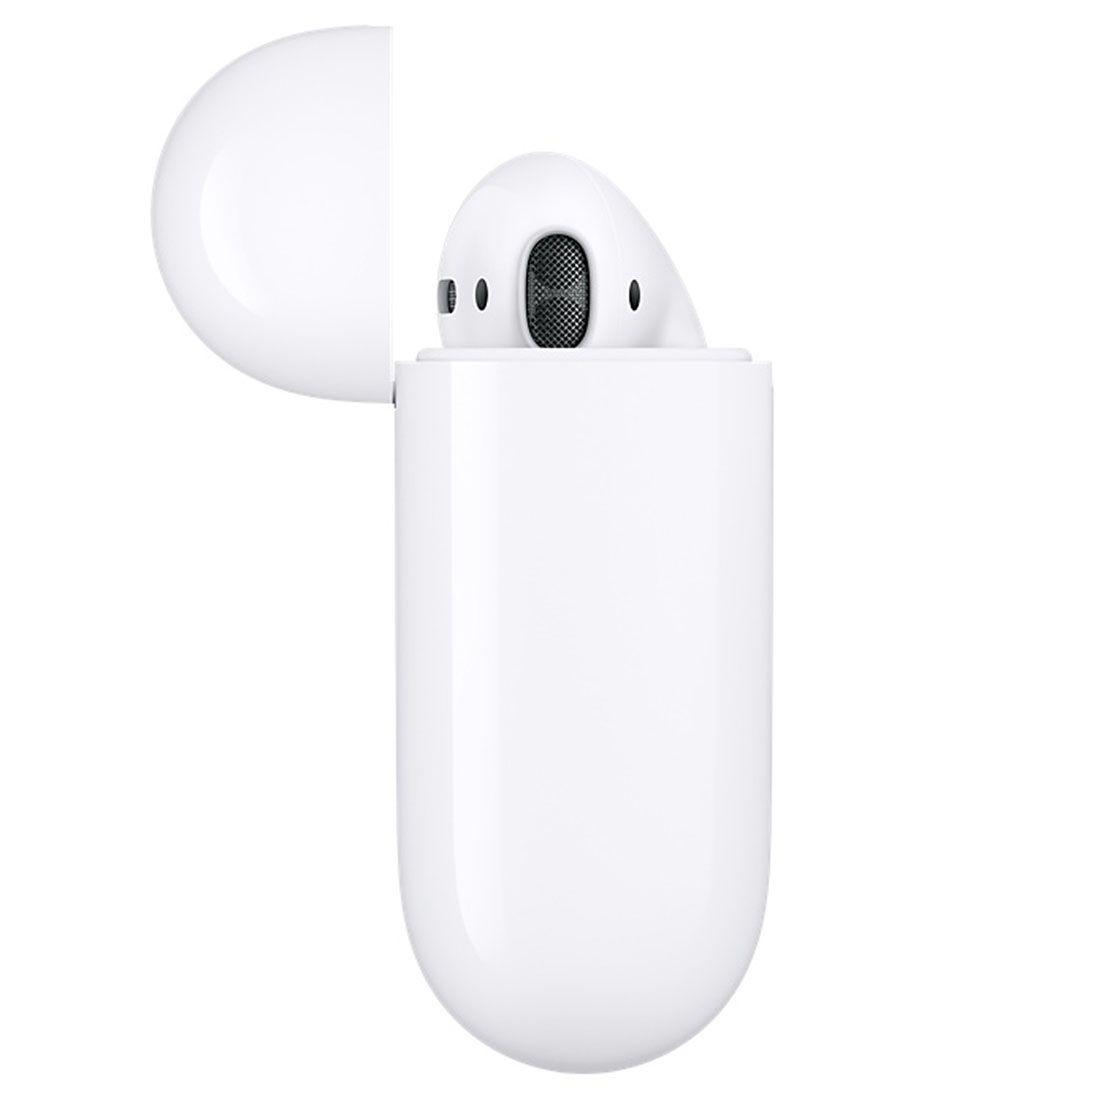 Fone De Ouvido Apple Airpods Sem Fio Modelo 1